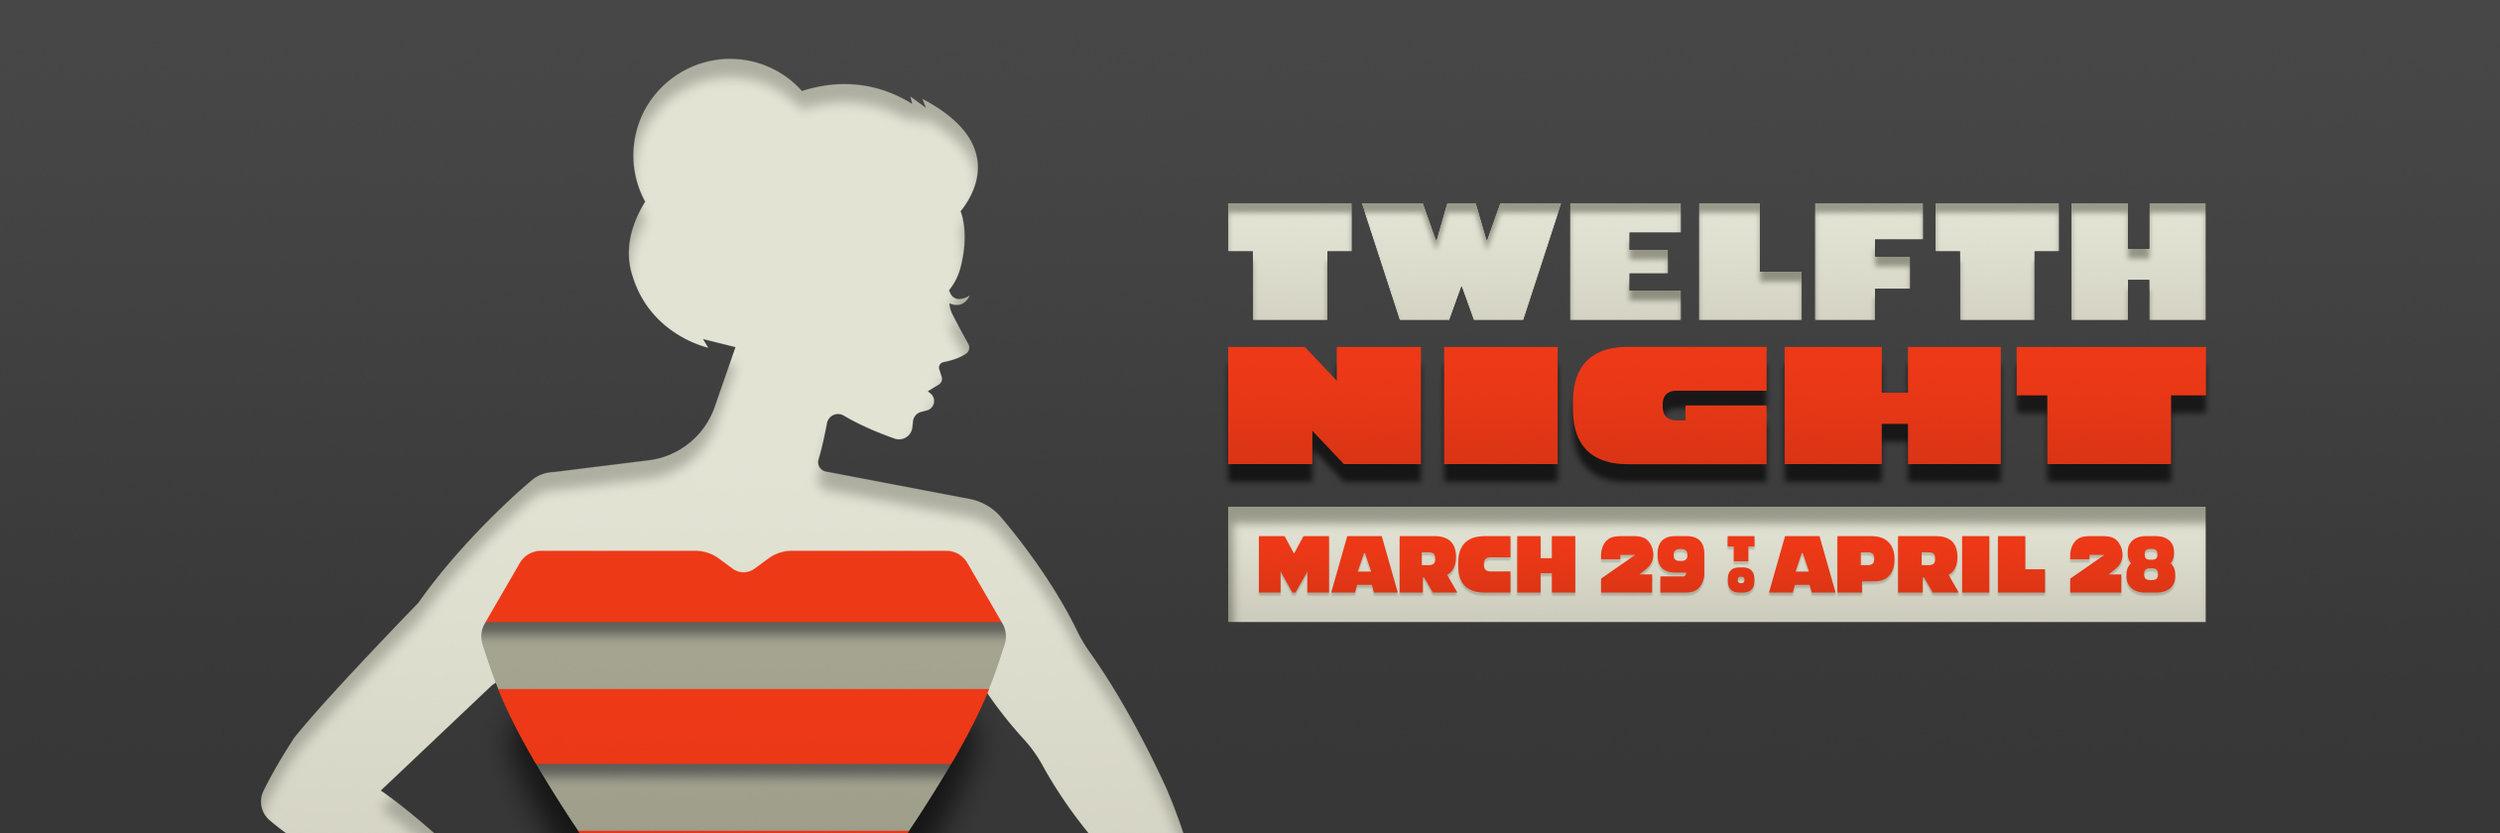 264DTC-Twelfth-Night-1260x420x2.jpg